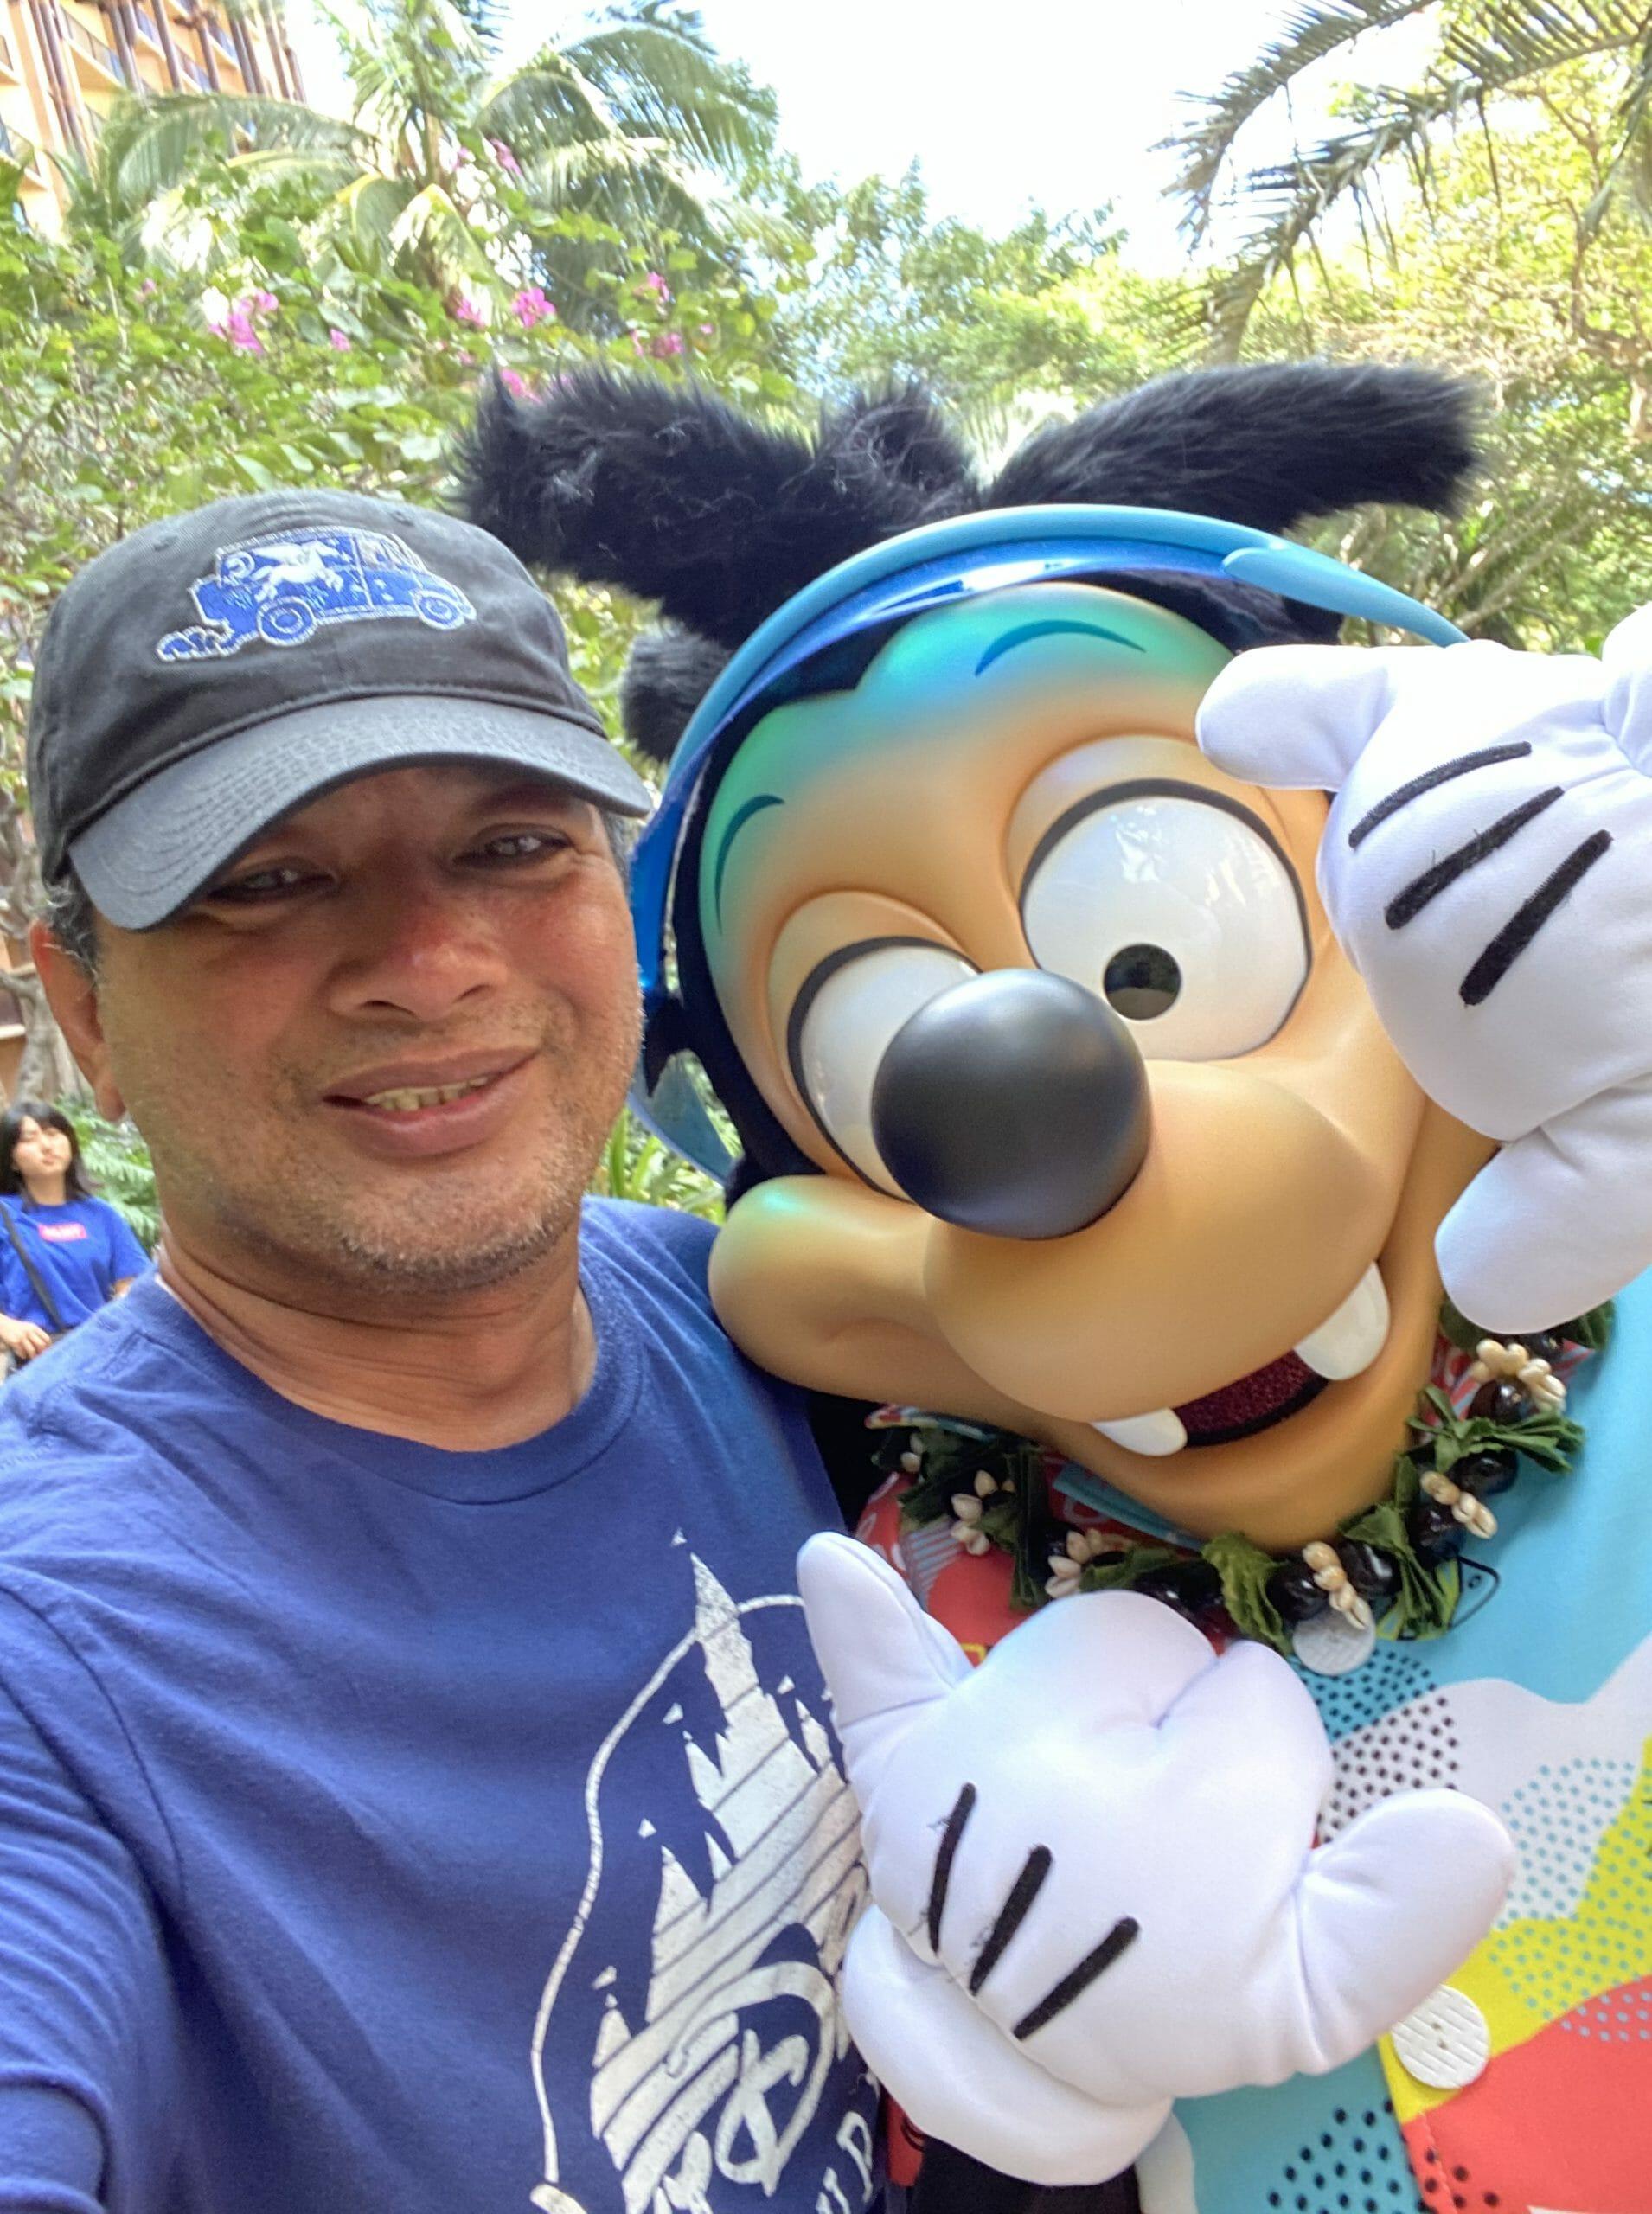 Max Joins Character Meet and Greets at Aulani, a Disney Resort